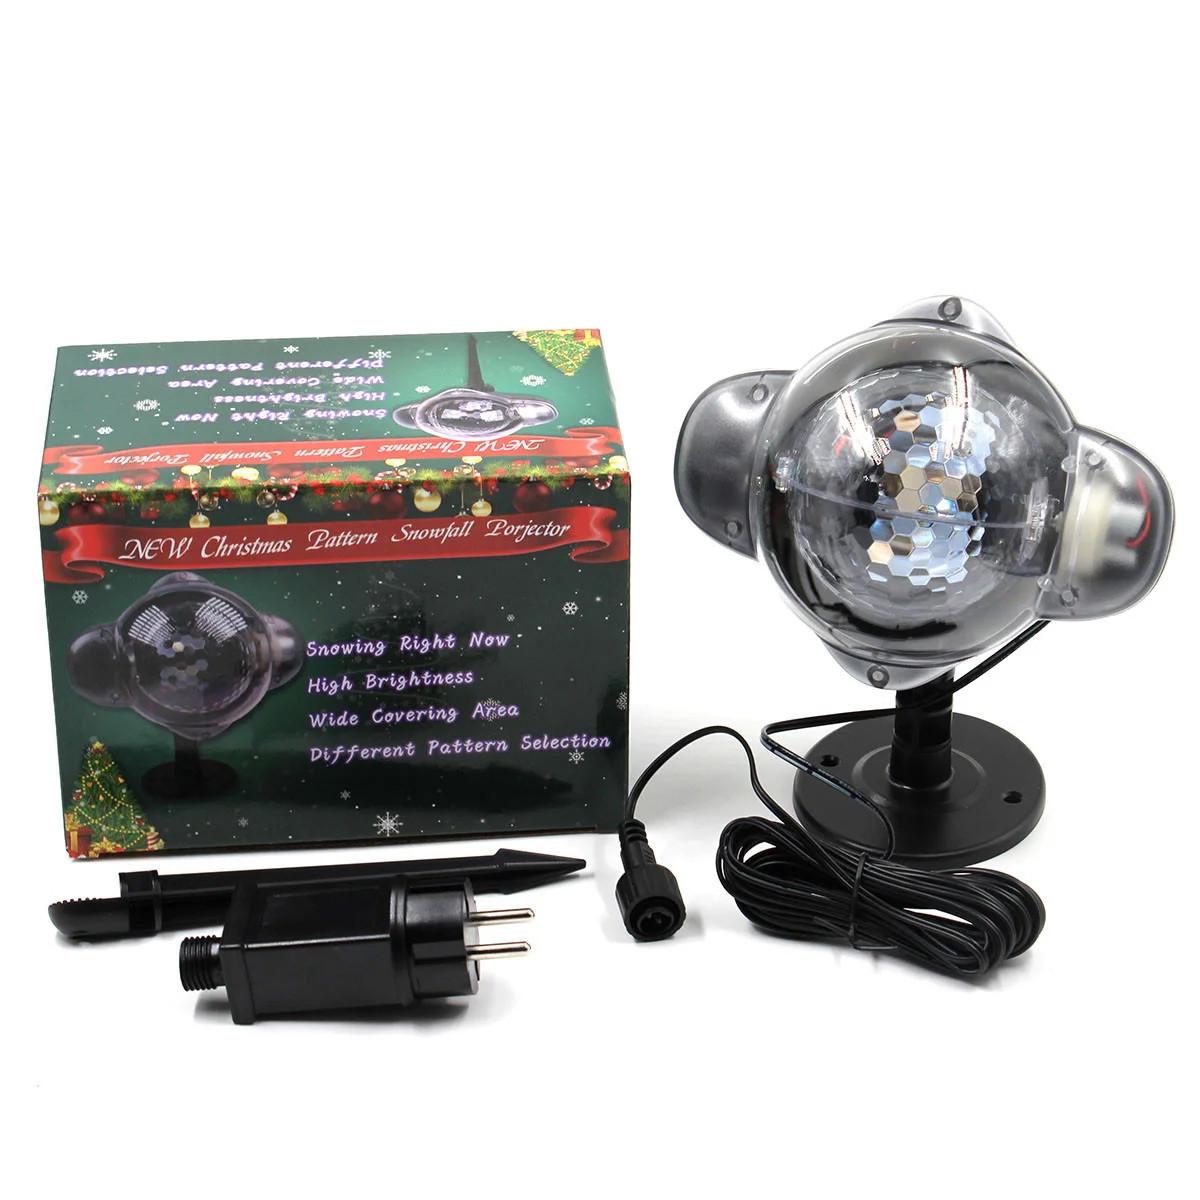 Светодиодный лазерный проектор LASER 808 Уличный, новогодний диско лазер